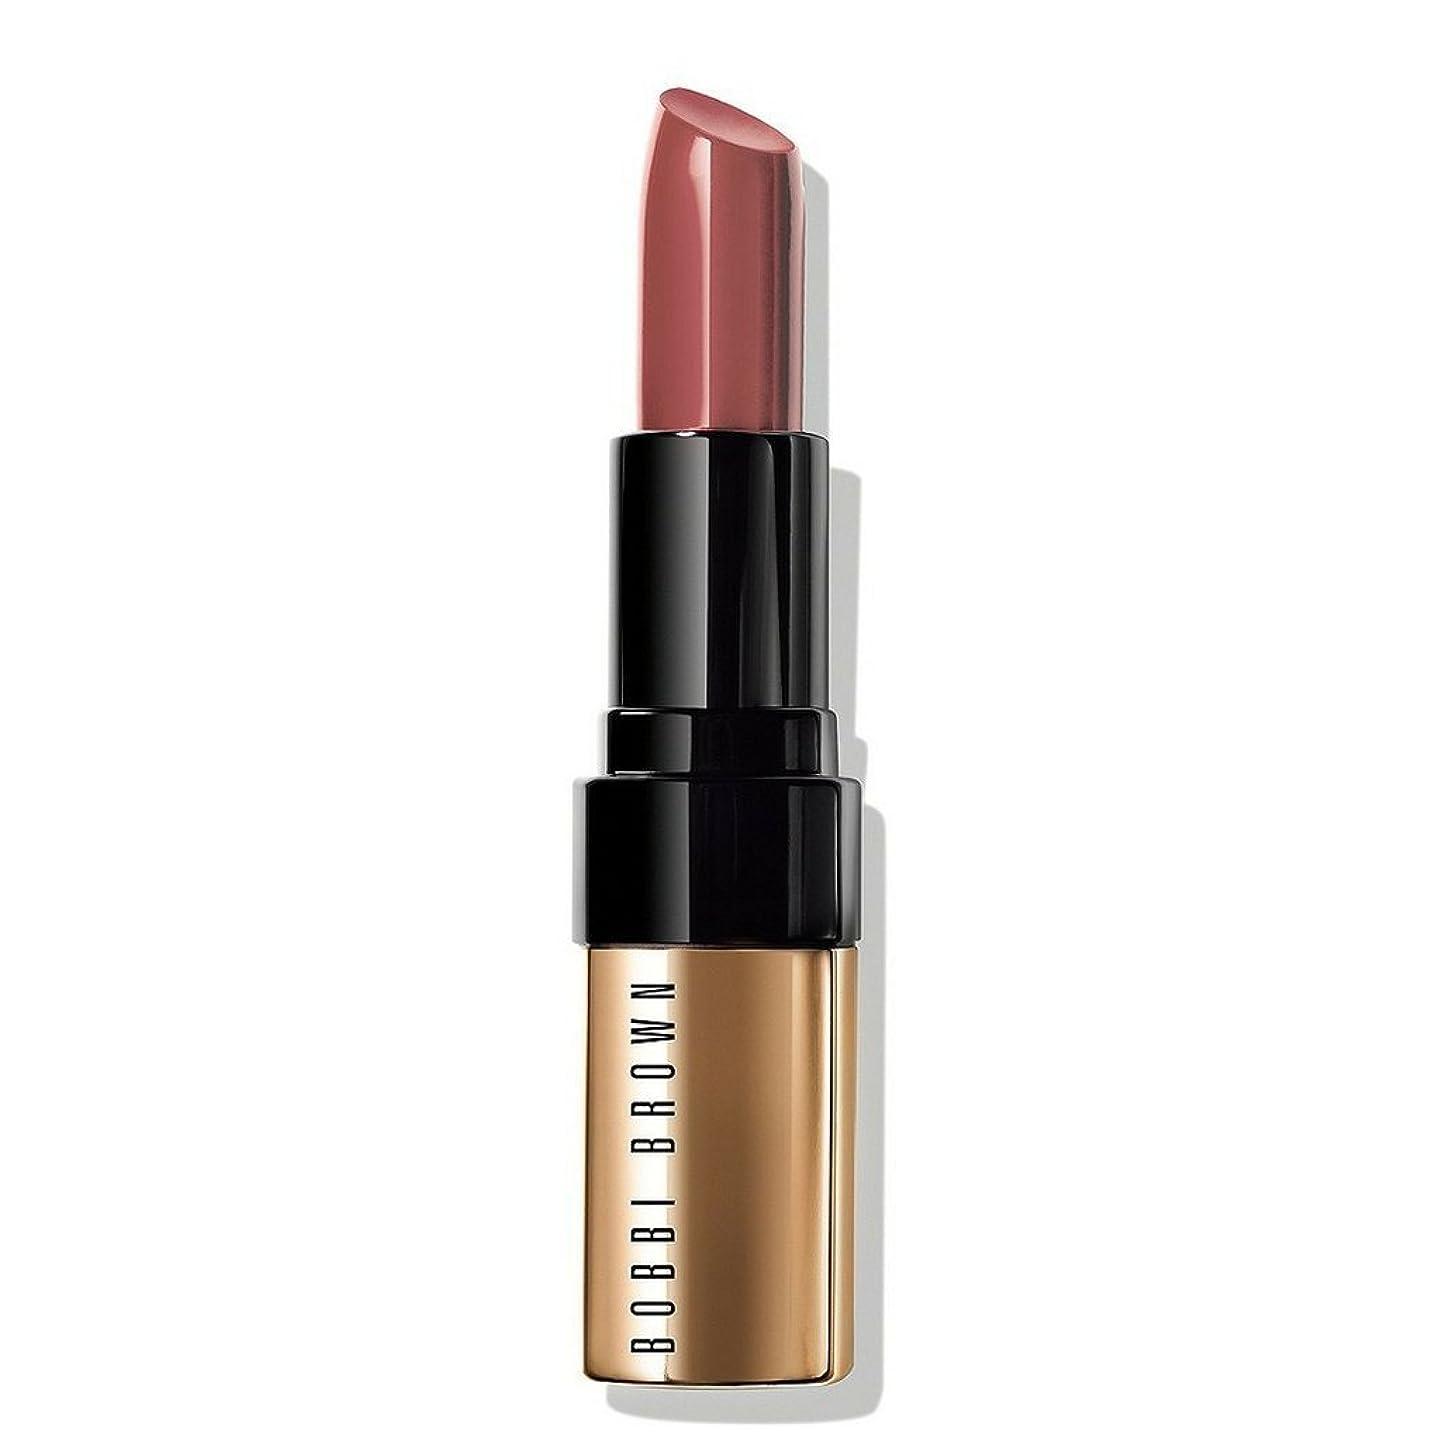 忘れっぽいバルブコロニーボビイ ブラウン Luxe Lip Color - # Desert Rose 3.8g/0.13oz並行輸入品